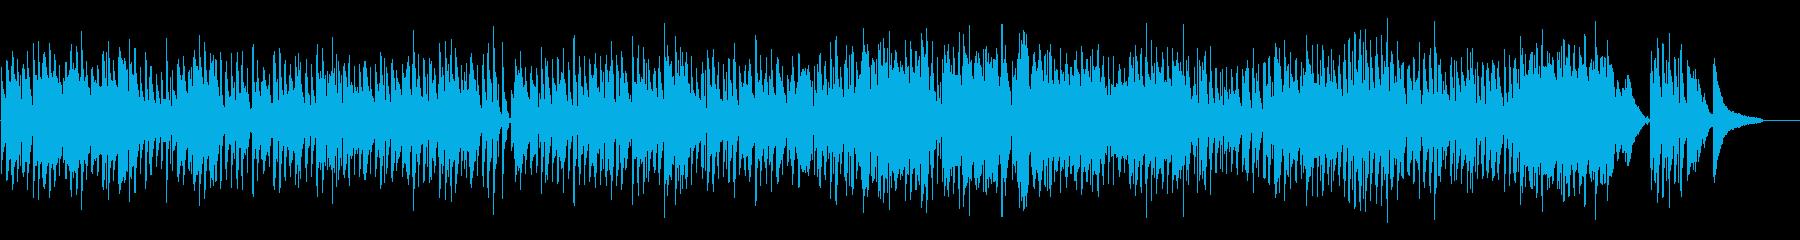 ブルージーな態度のR&B。スロース...の再生済みの波形